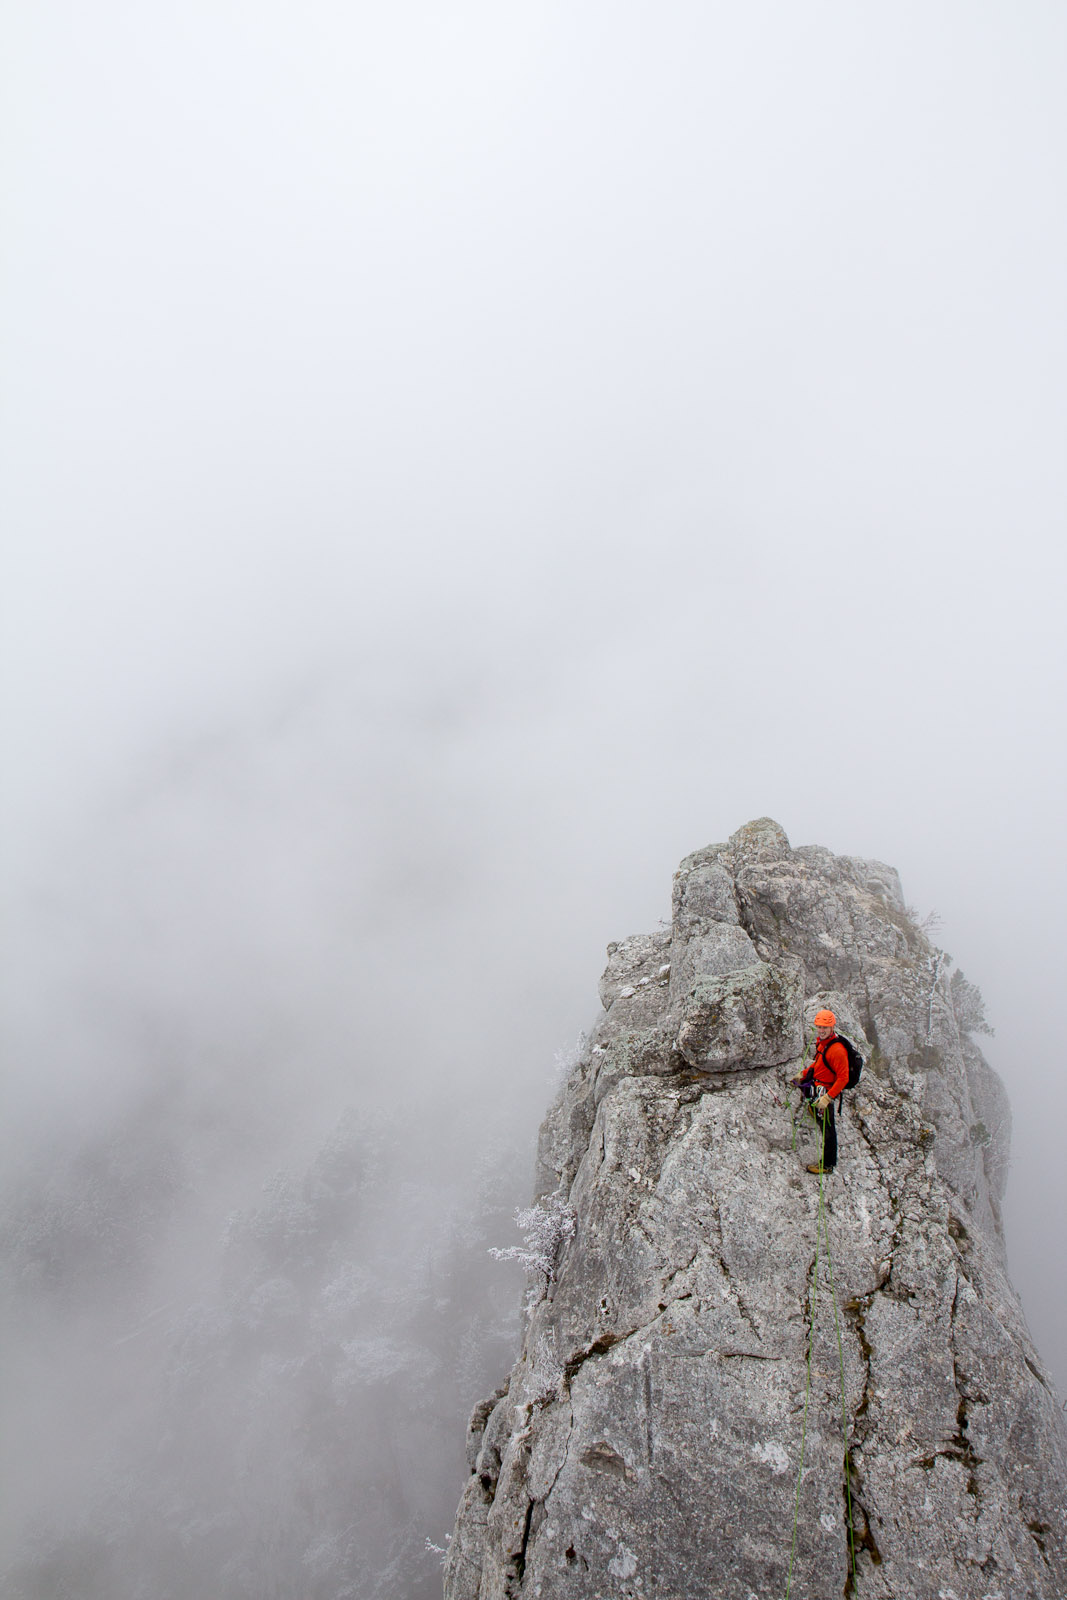 Cédric en plein alpinisme sur le parcours des Trois Pucelles